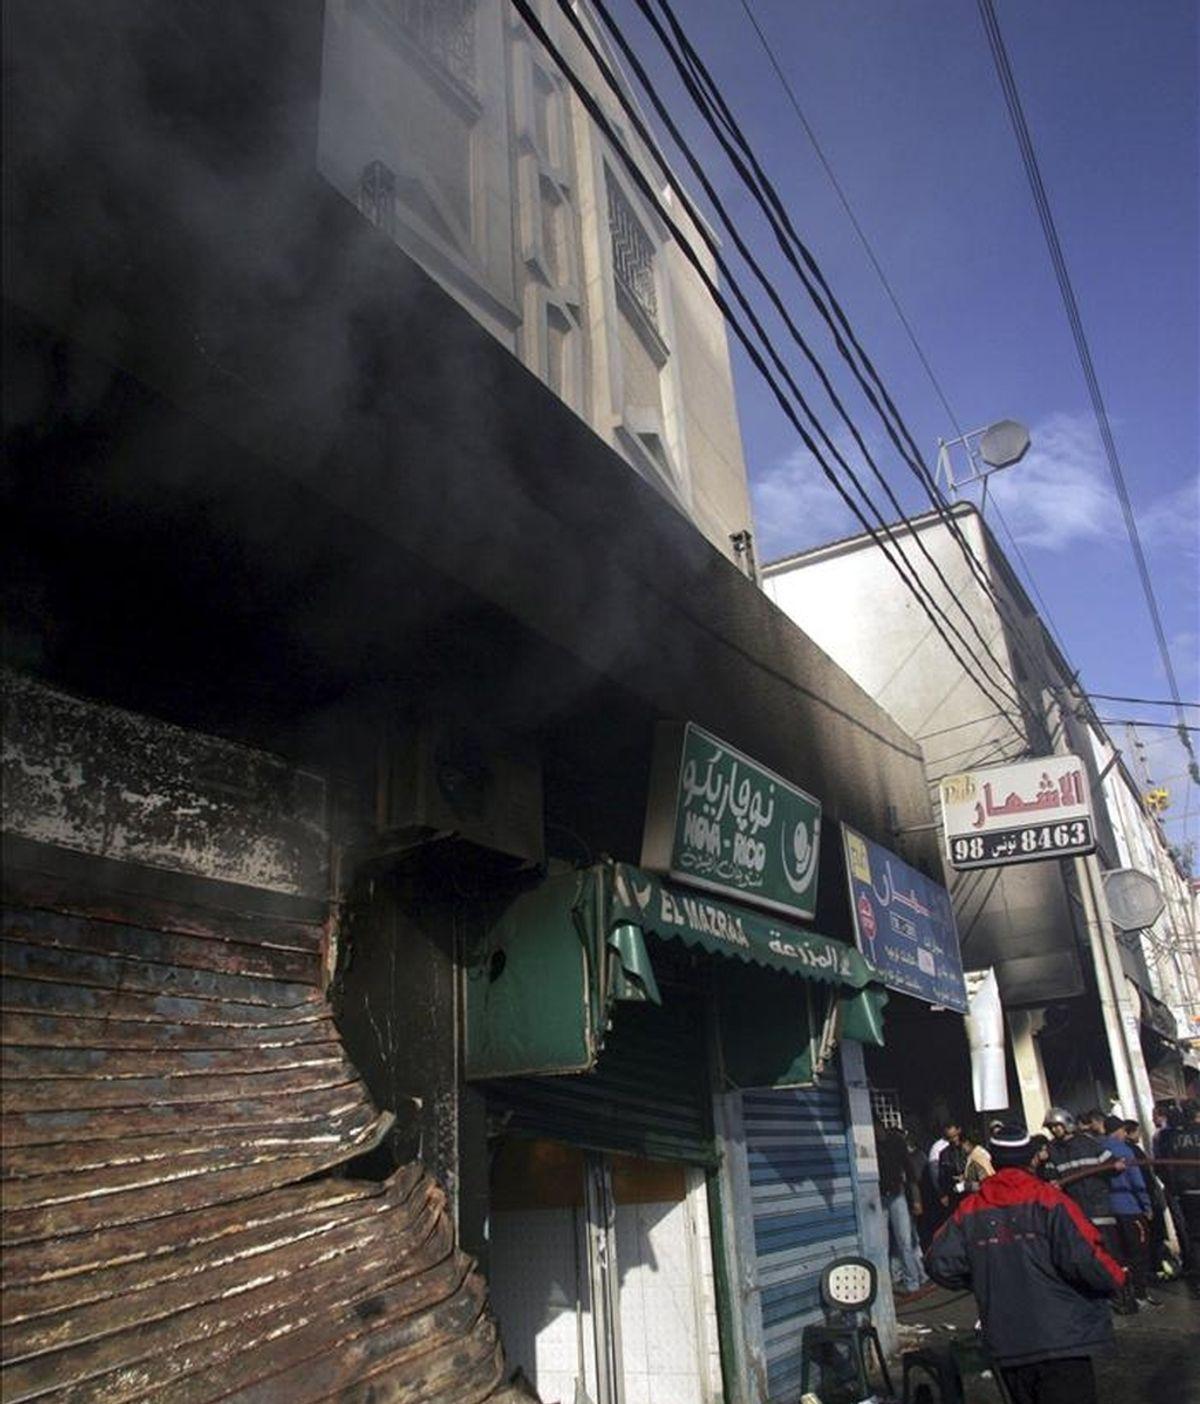 Vista de un centro comercial incendiado, donde los manifestantes quemaron vehículos y atacaron oficinas gubernamentales el martes, en el distrito de Ettadhamen, ubicada a varios kilómetros del centro de Túnez. EFE